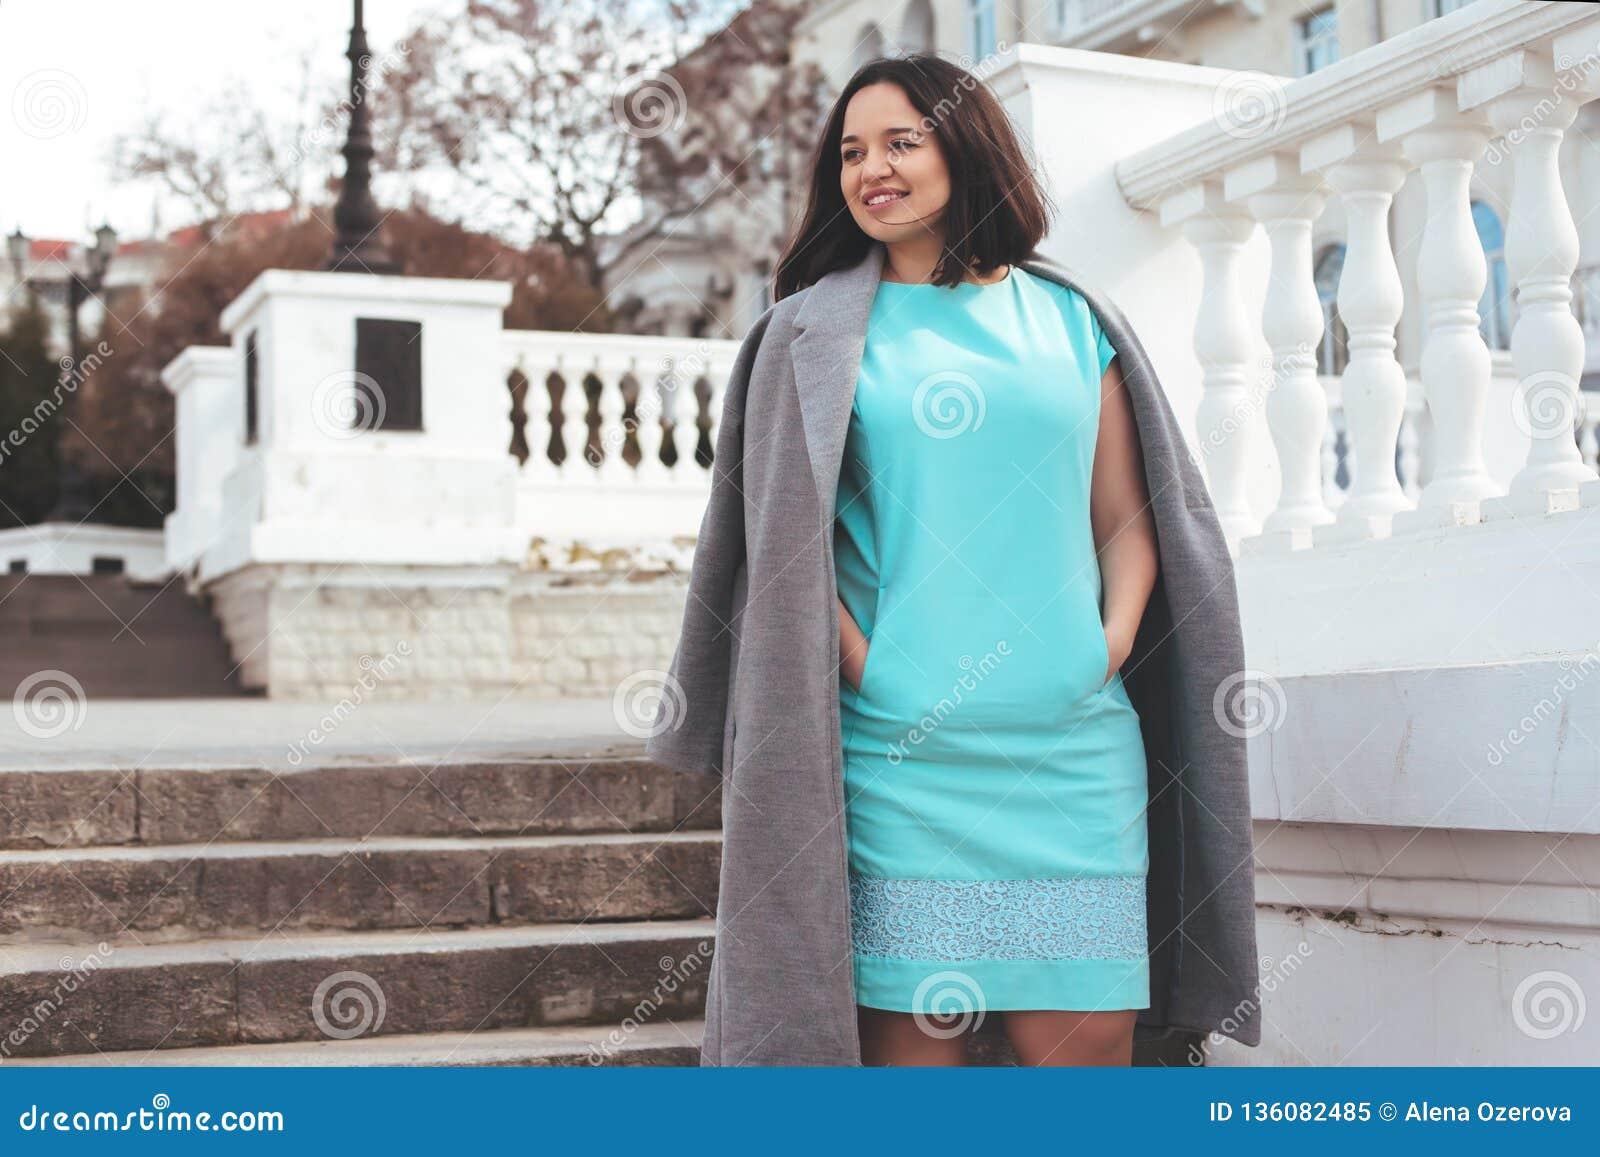 Όμορφο πρότυπο στο μπλε φόρεμα και γκρίζο παλτό στην οδό πόλεων